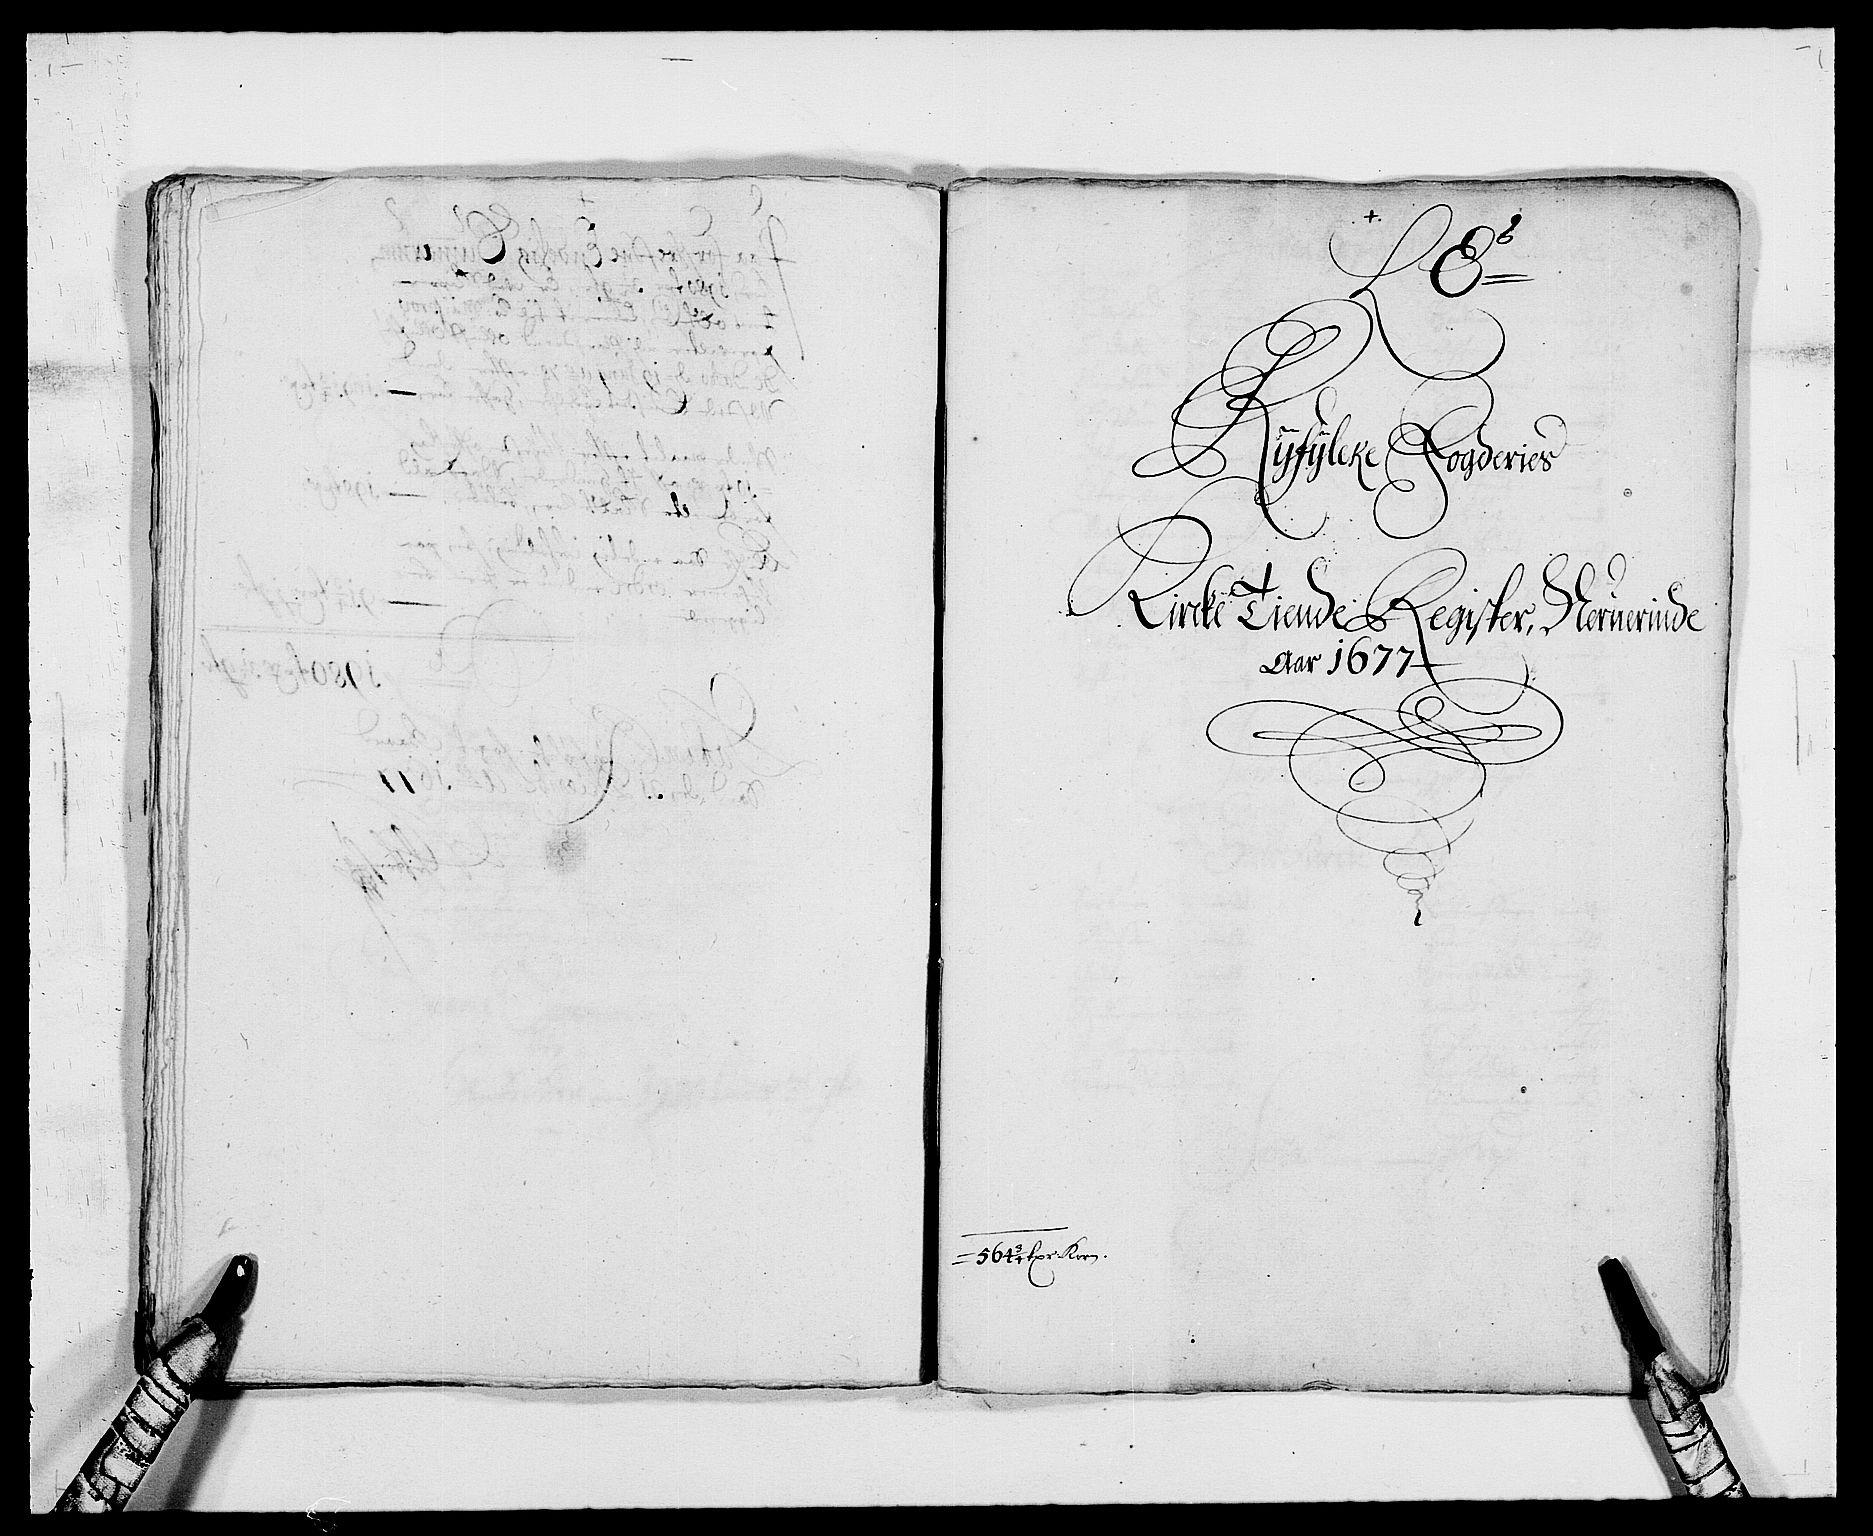 RA, Rentekammeret inntil 1814, Reviderte regnskaper, Fogderegnskap, R47/L2847: Fogderegnskap Ryfylke, 1677, s. 166